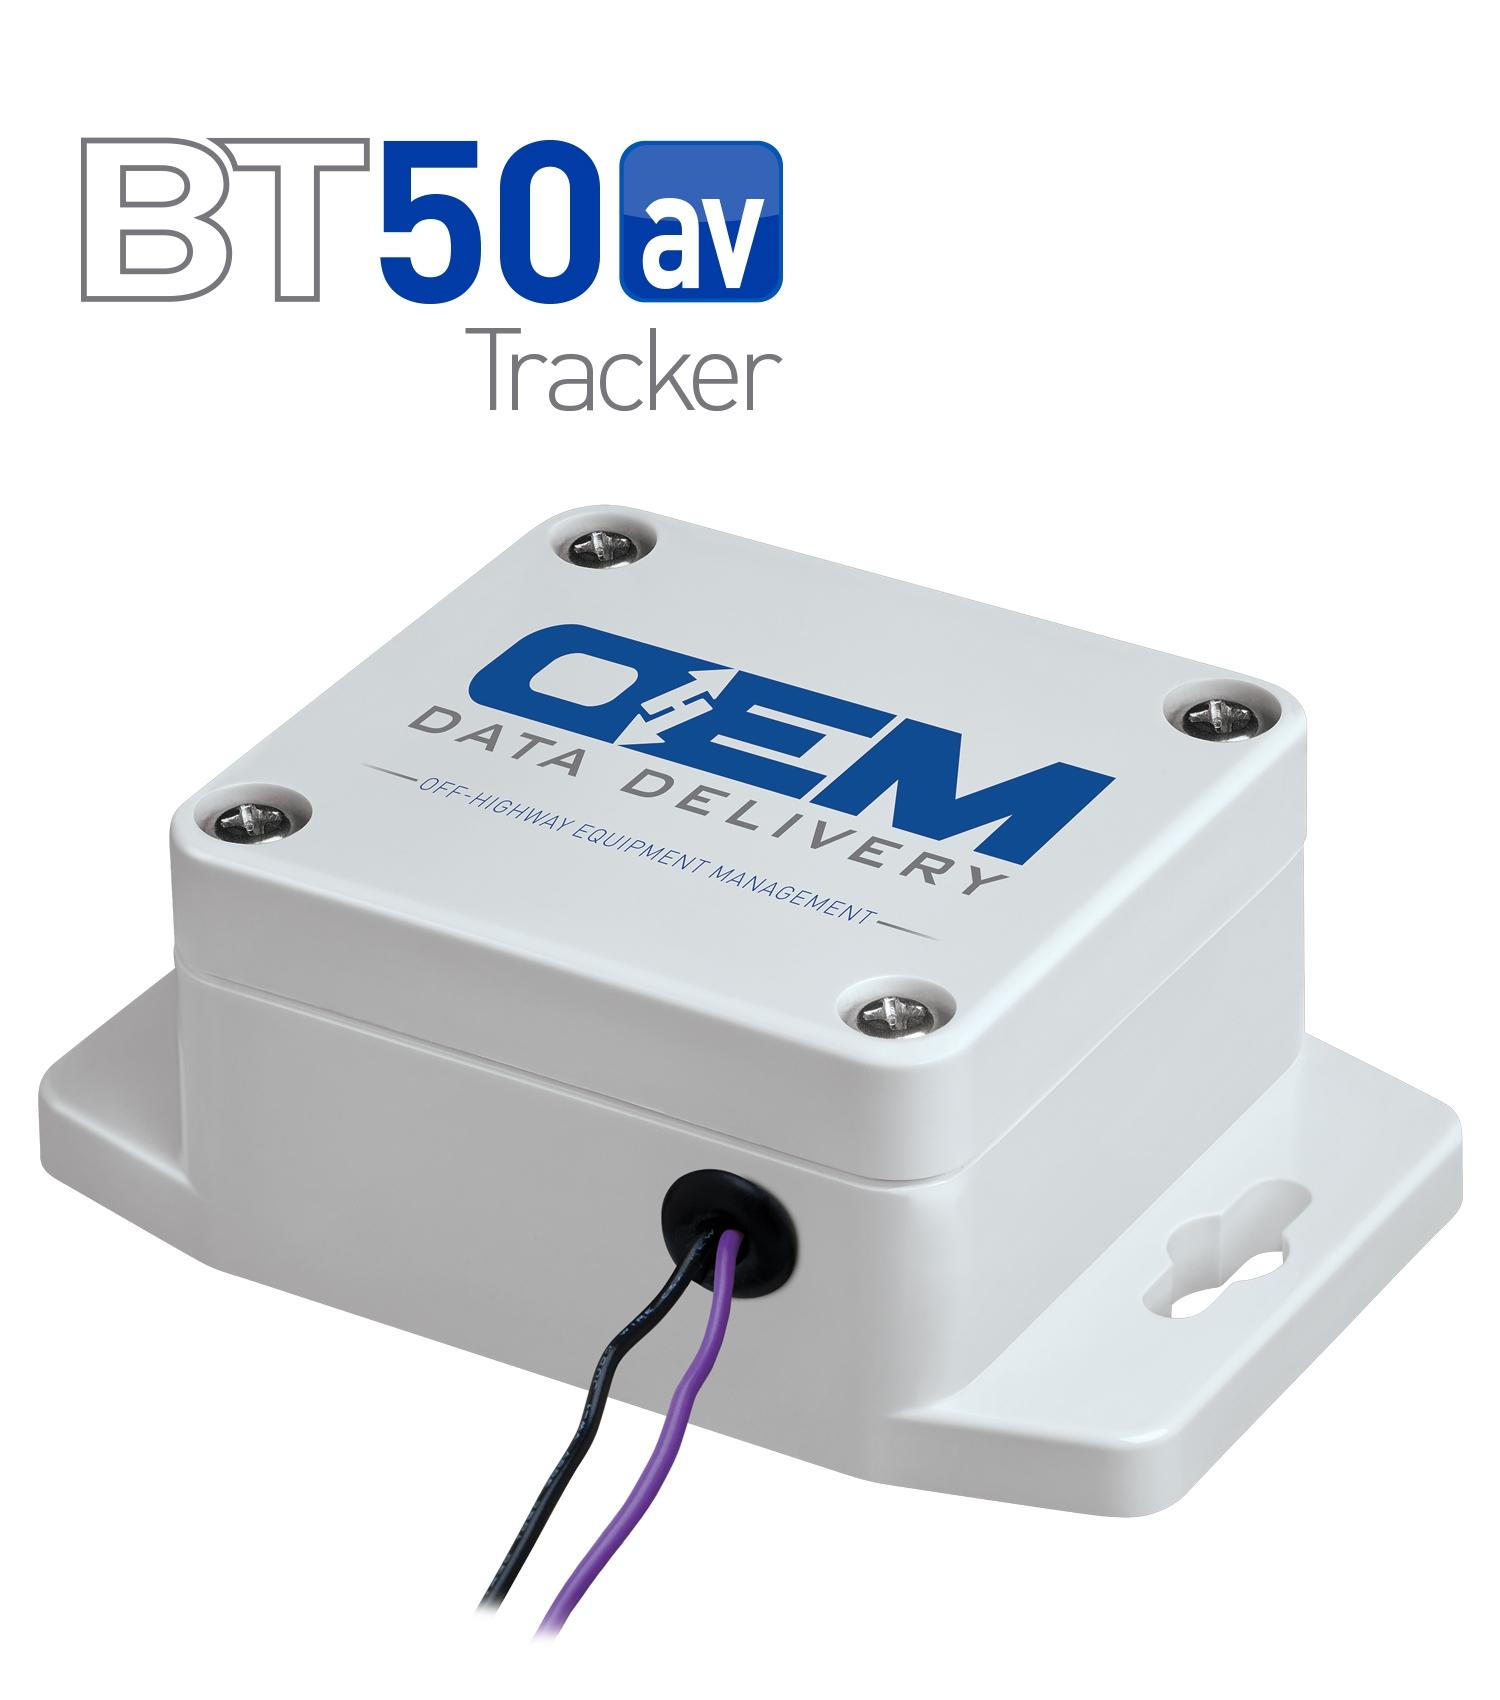 BT50av Tracker with Logo